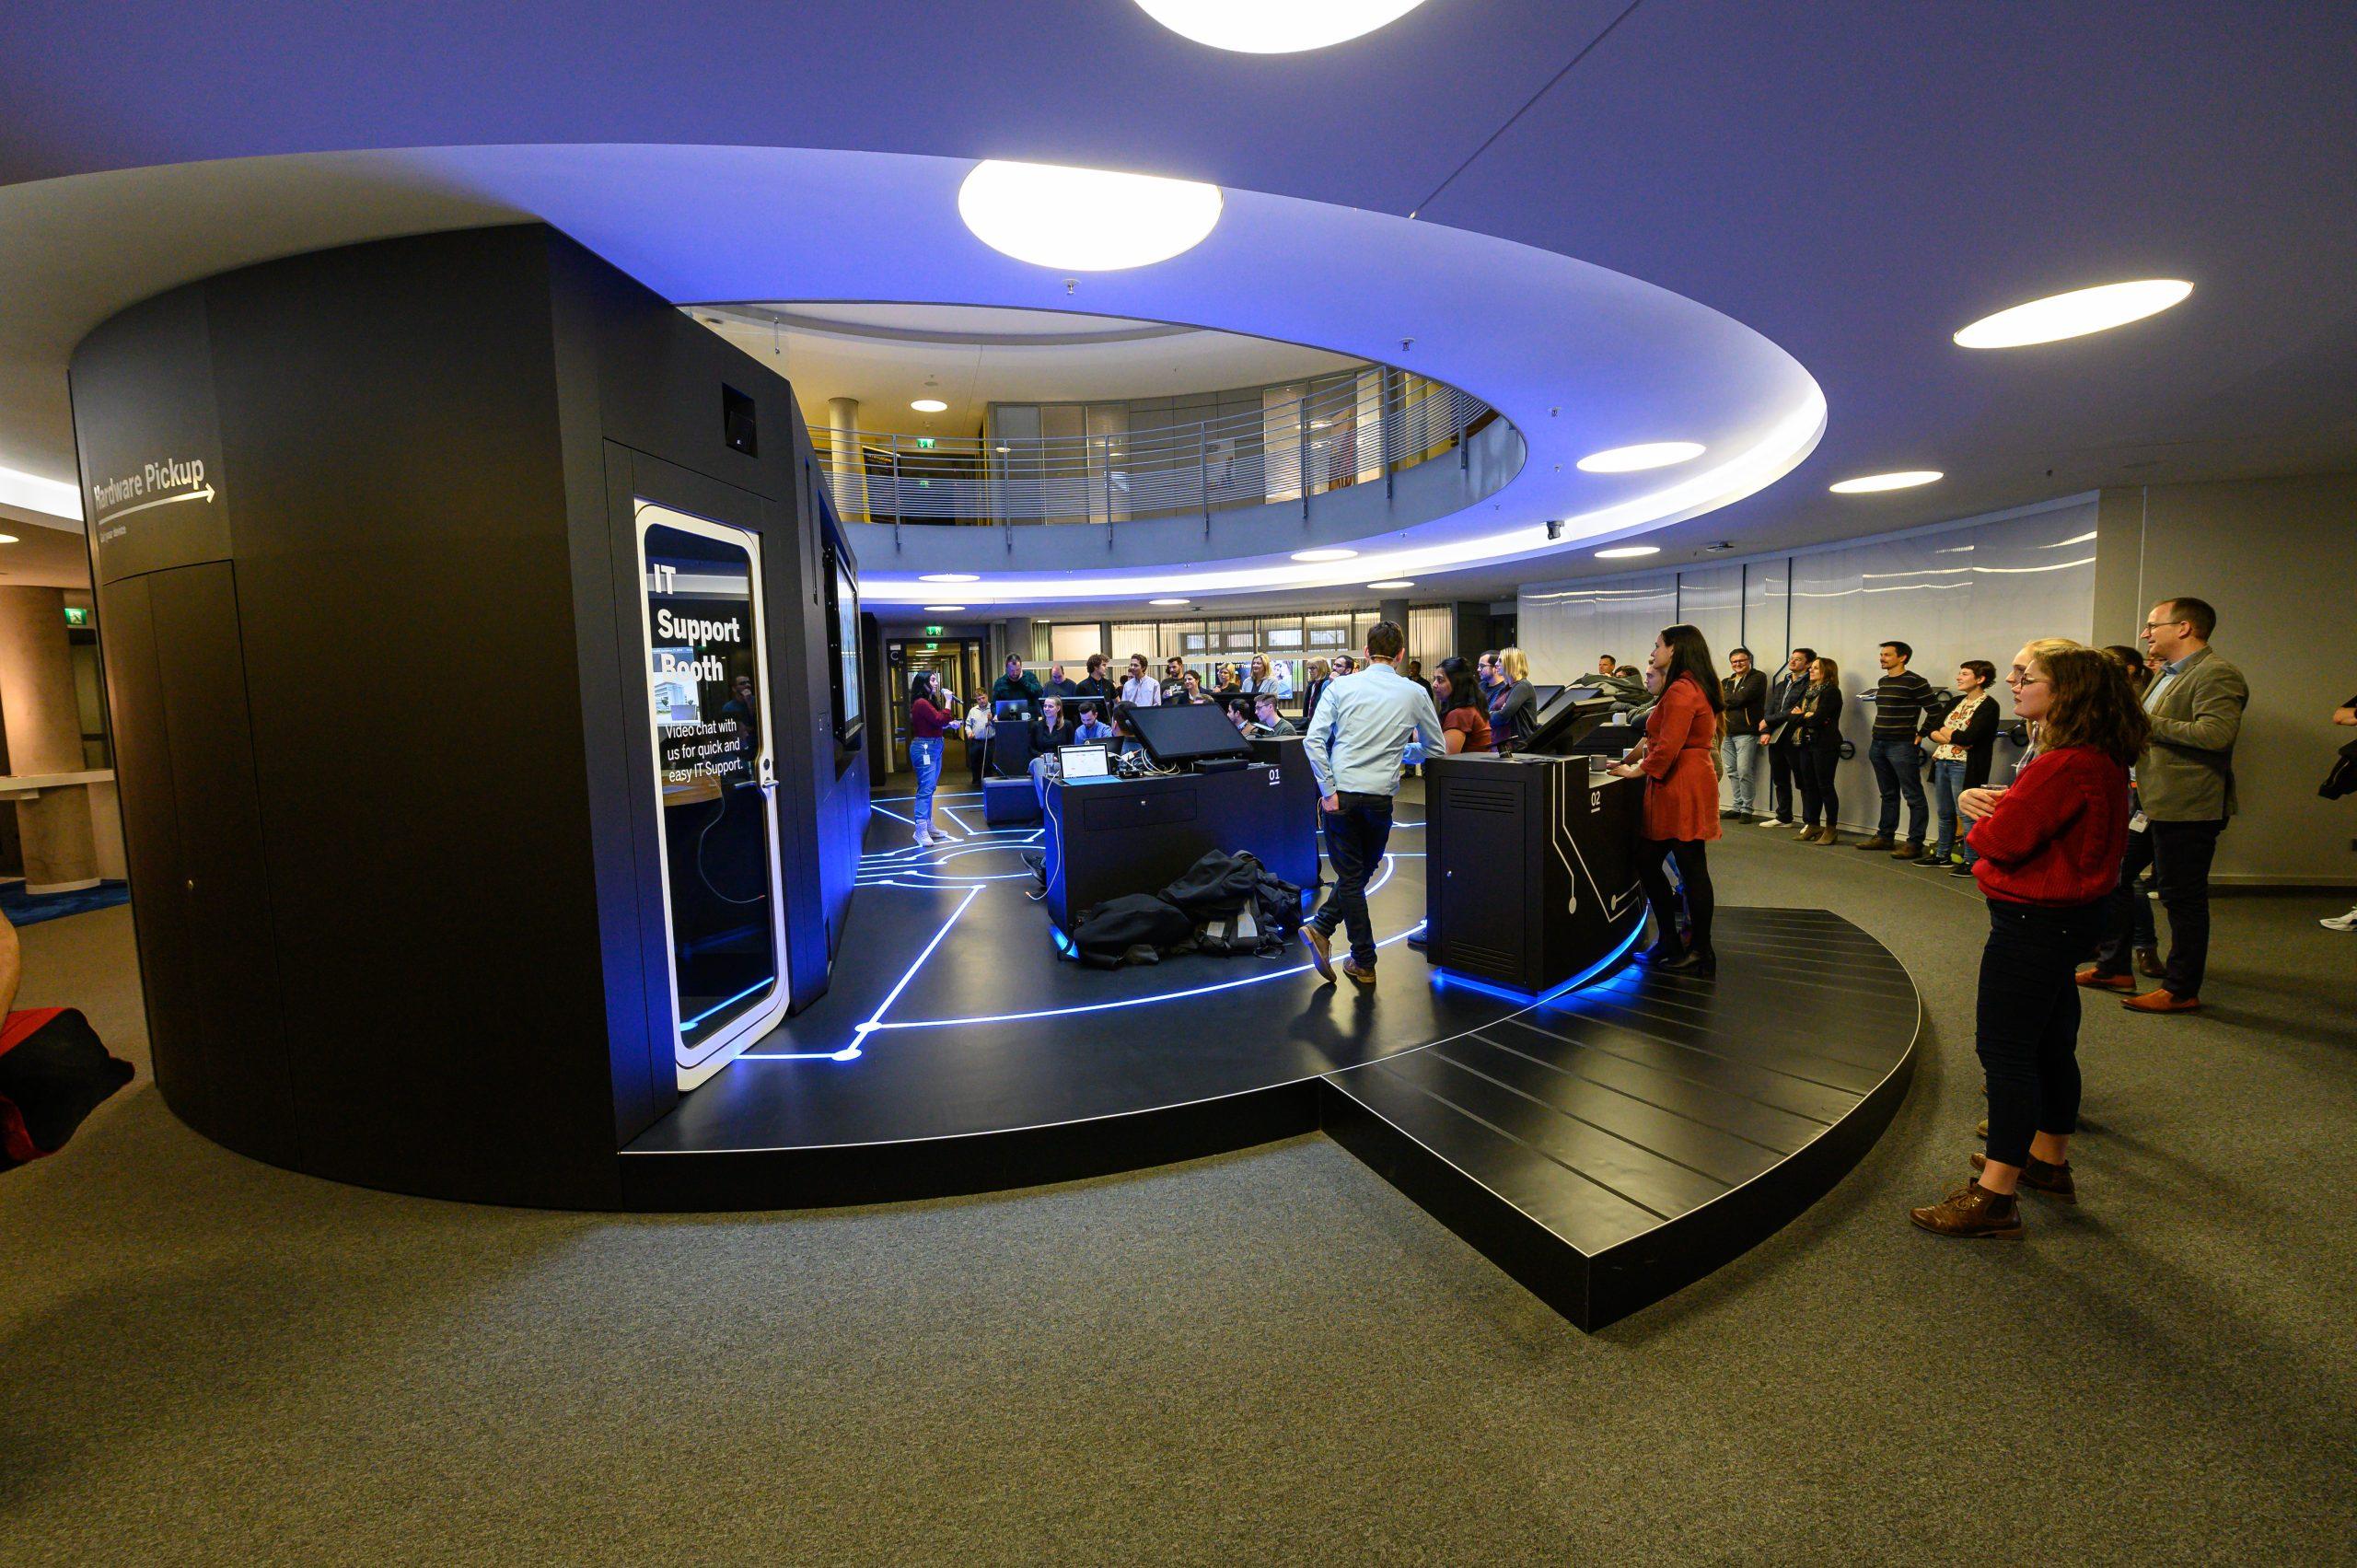 Sharing my work at SAP IT Showroom, Walldorf Germany